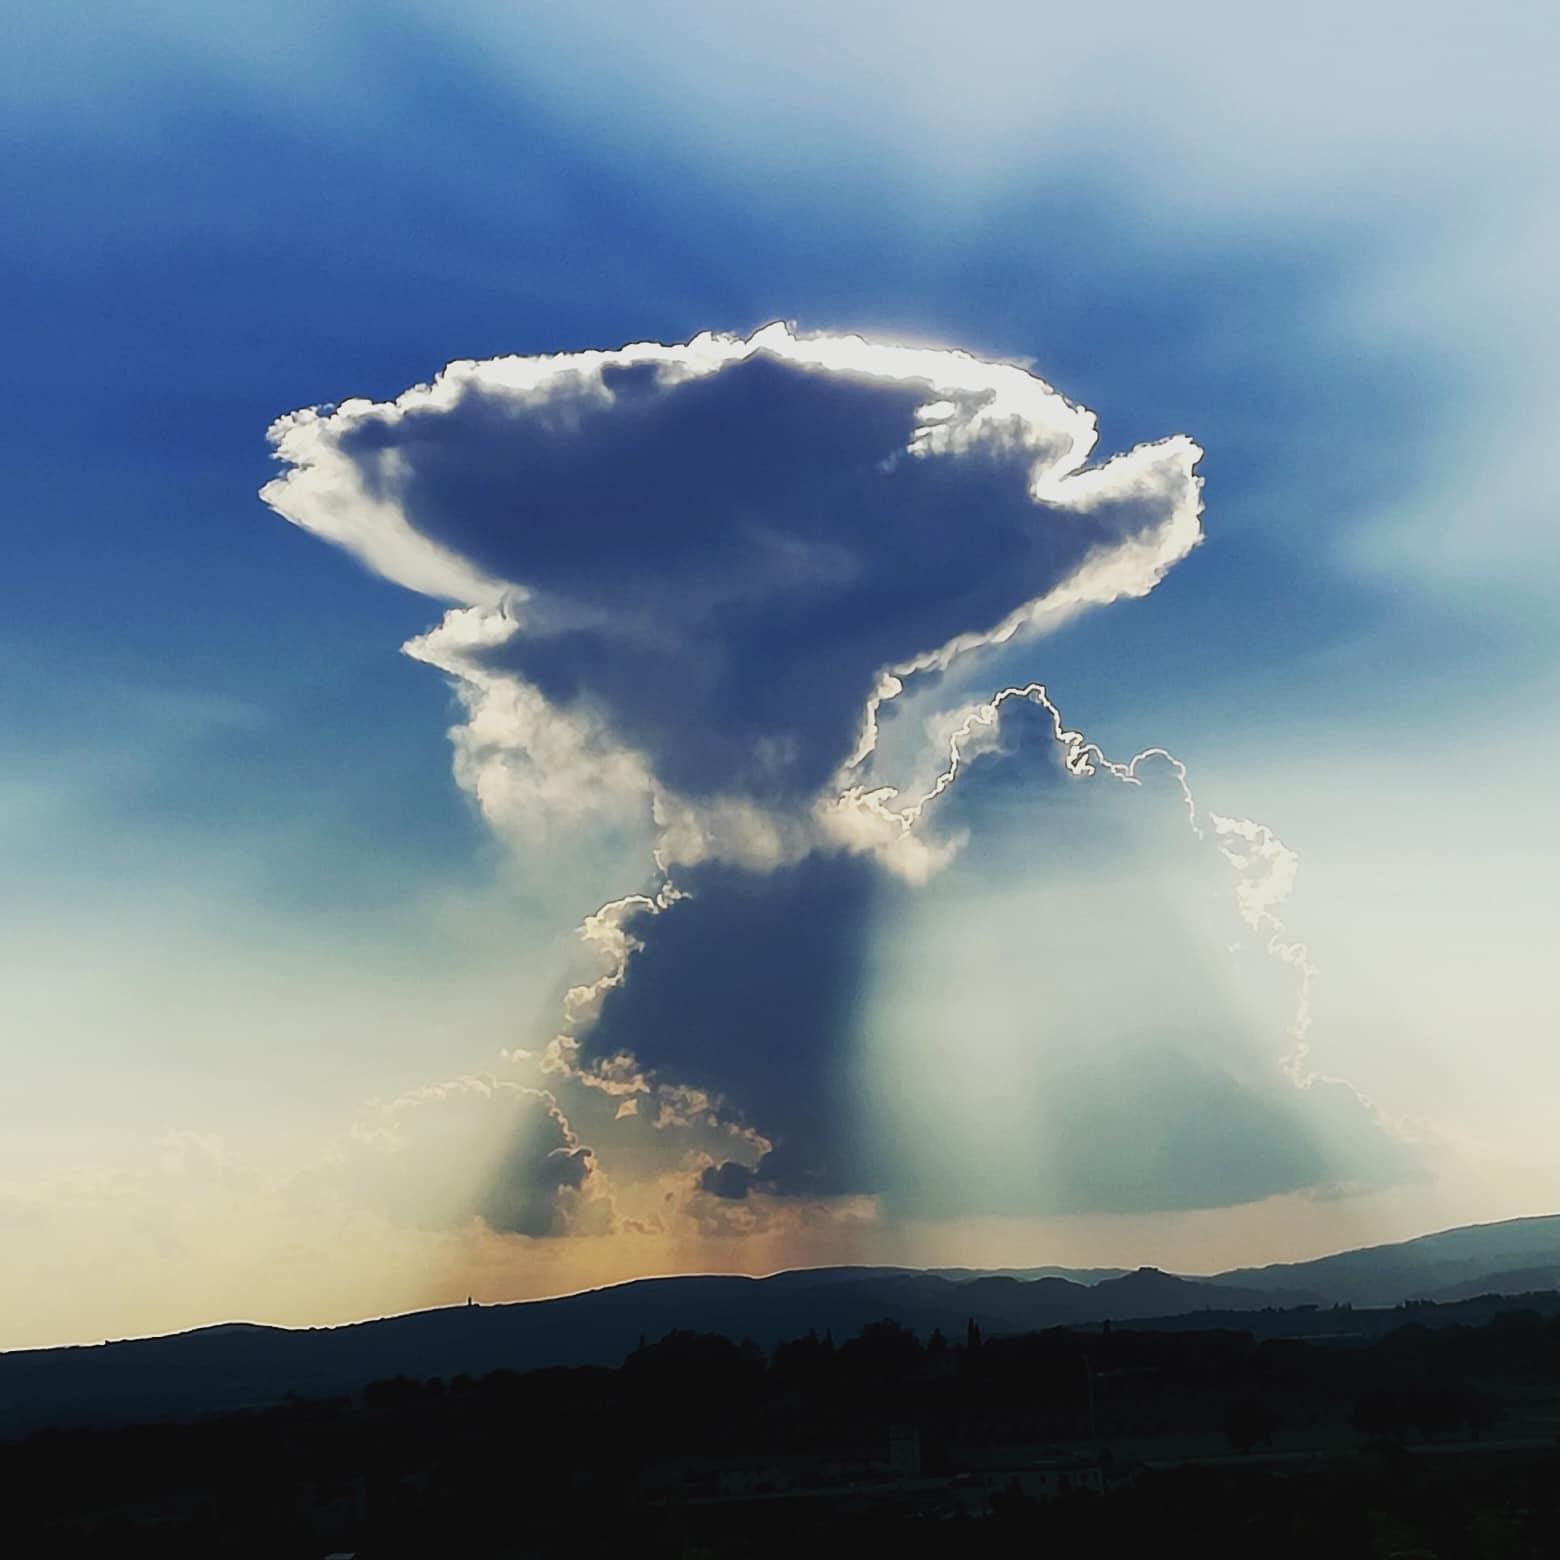 Una nuvola strana durante il tramonto ad Assisi, buon auspicio oppure?